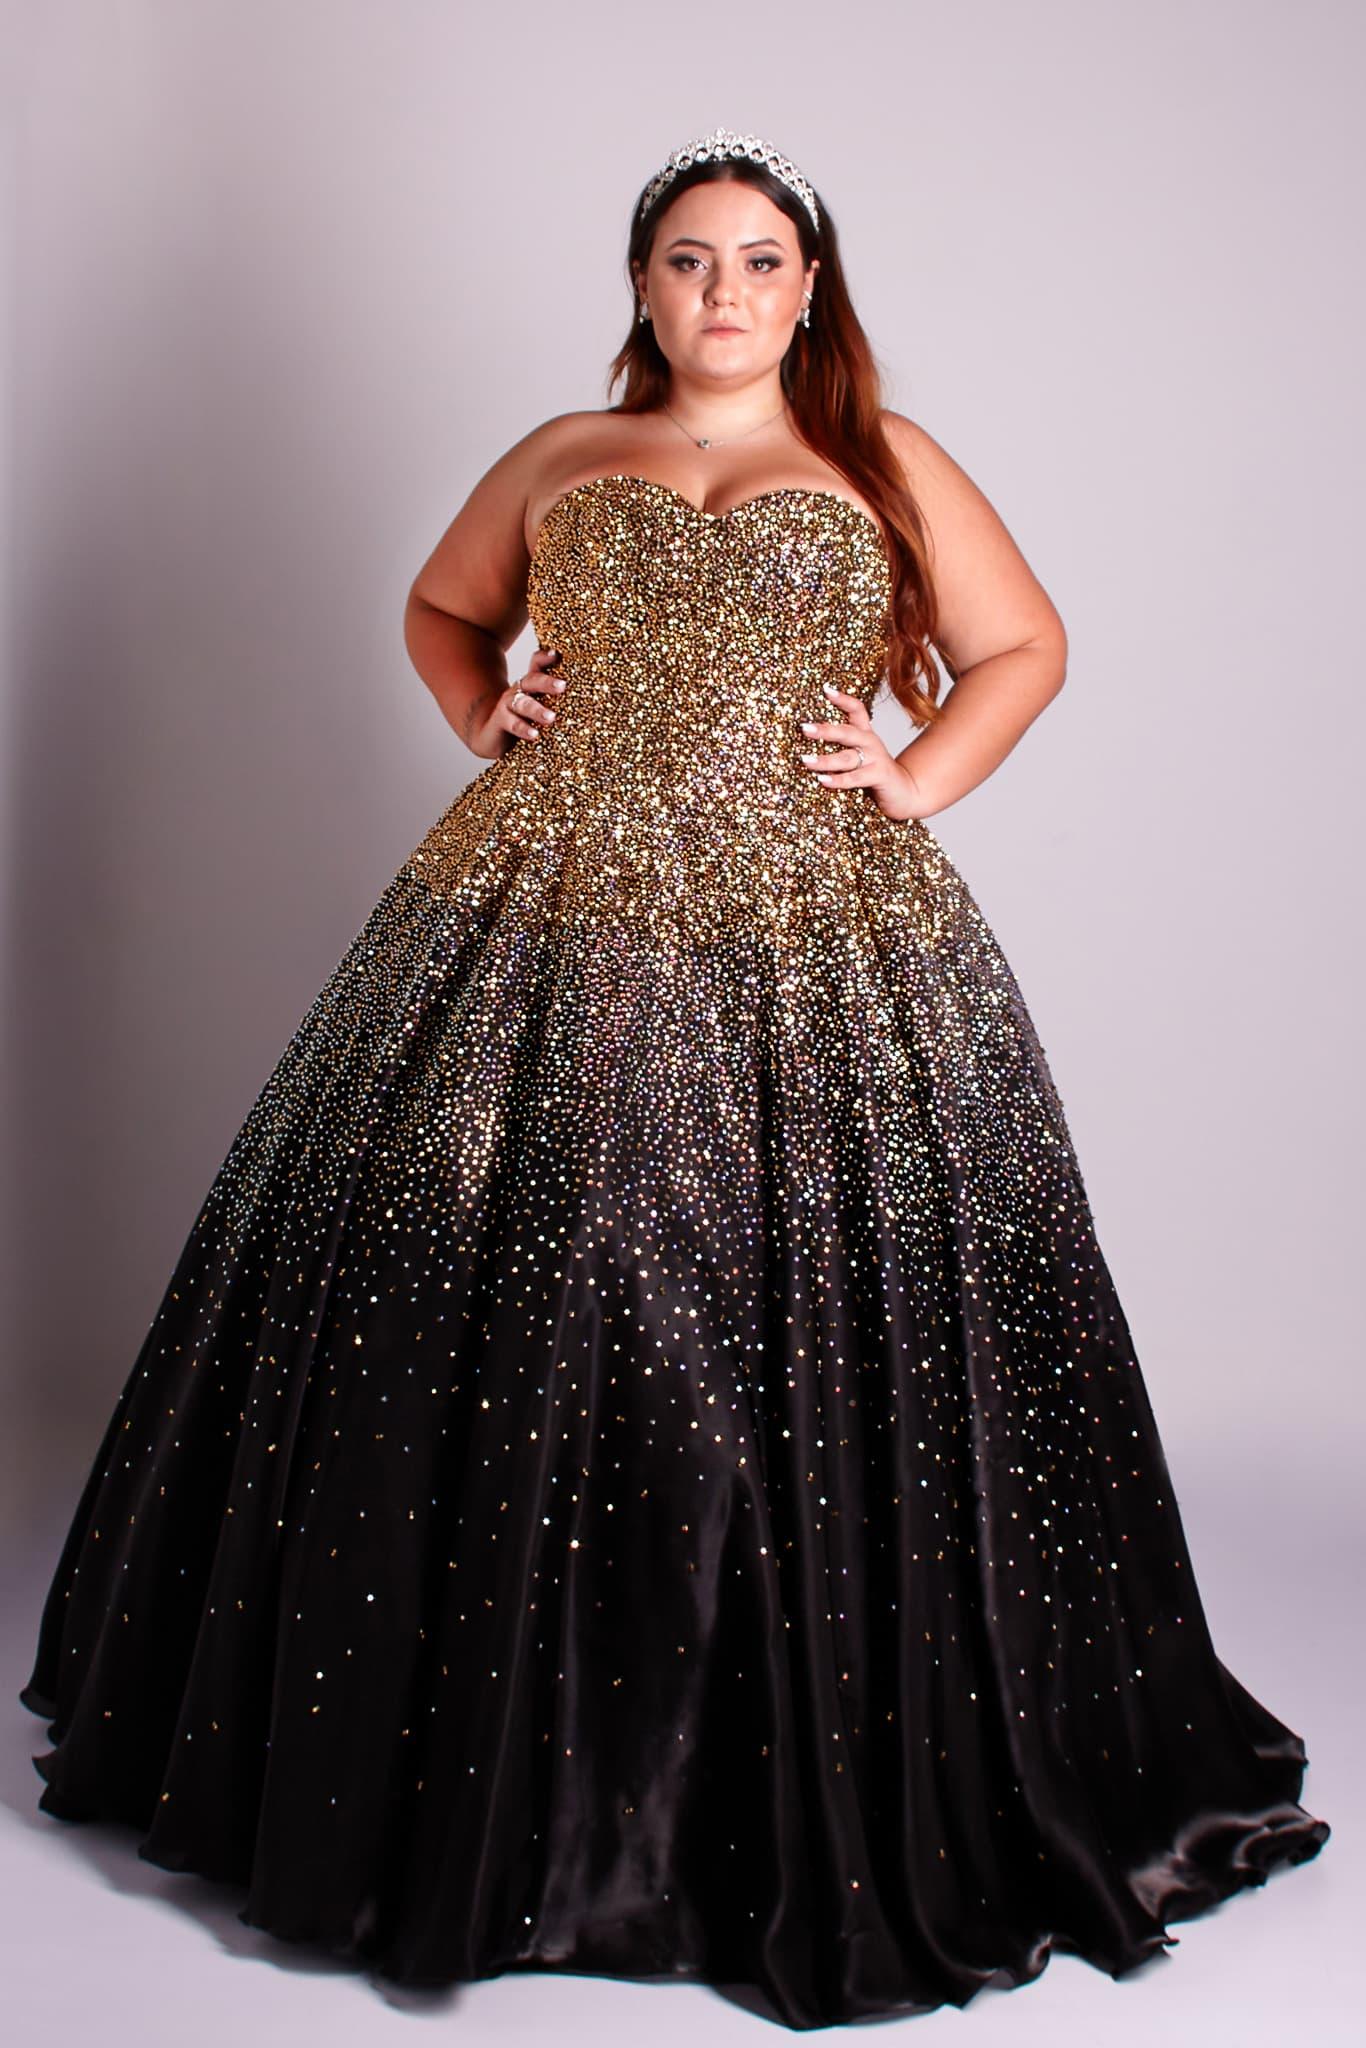 156 - Vestido de valsa preto bordado em cristais dourados